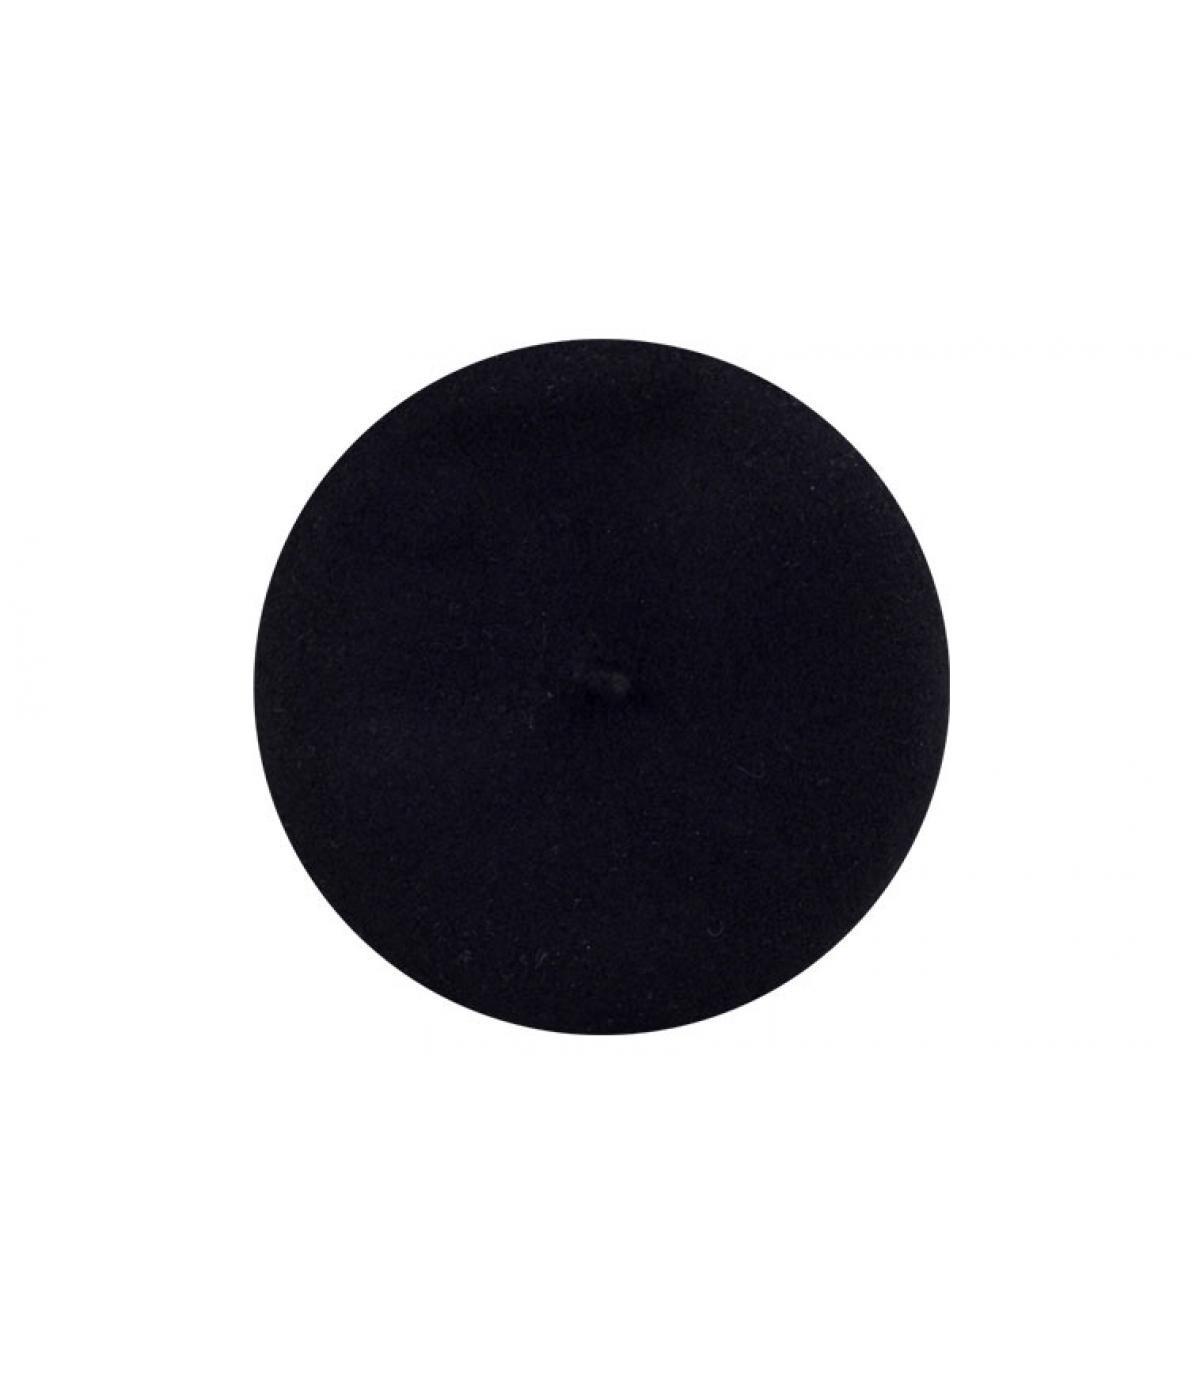 sélection premium artisanat exquis pas de taxe de vente Parisienne black